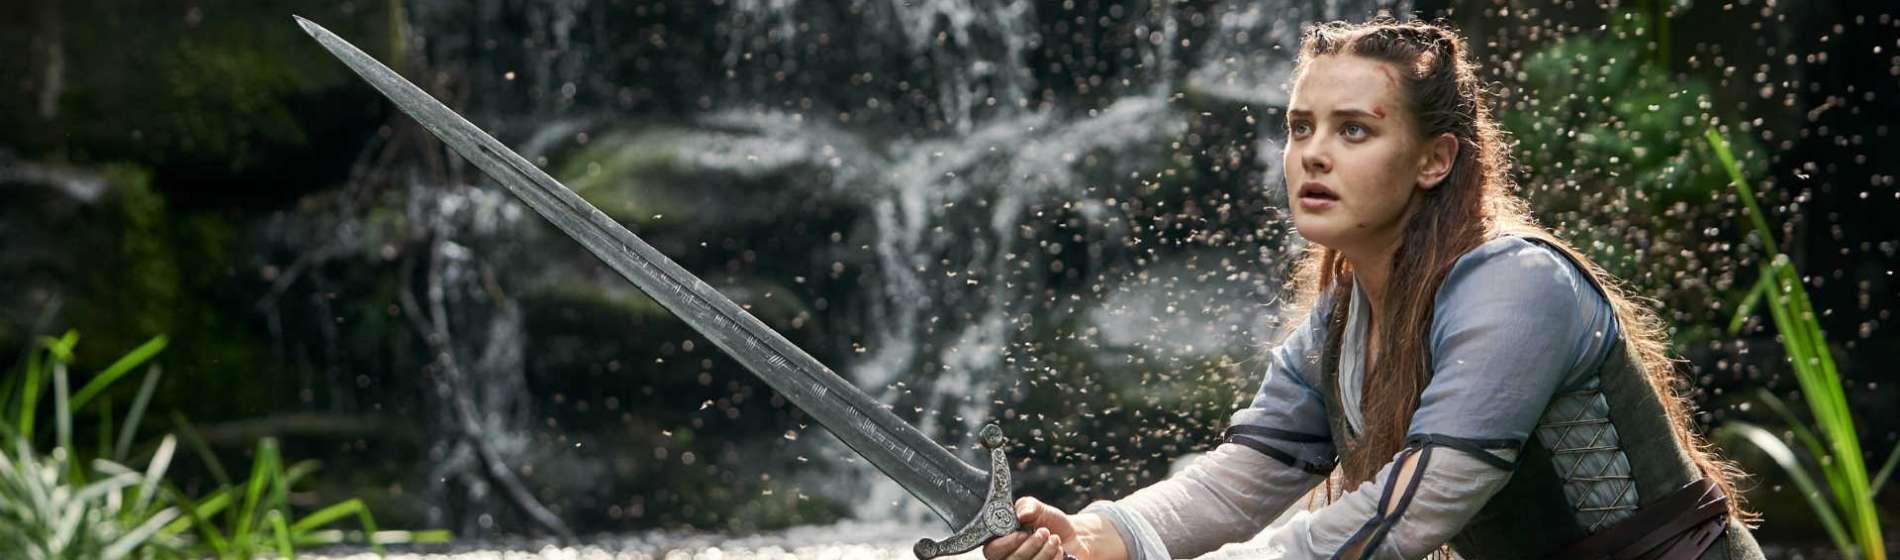 Tom-Wheeler-Series-Cursed-Nimue-Sword-Waterfall